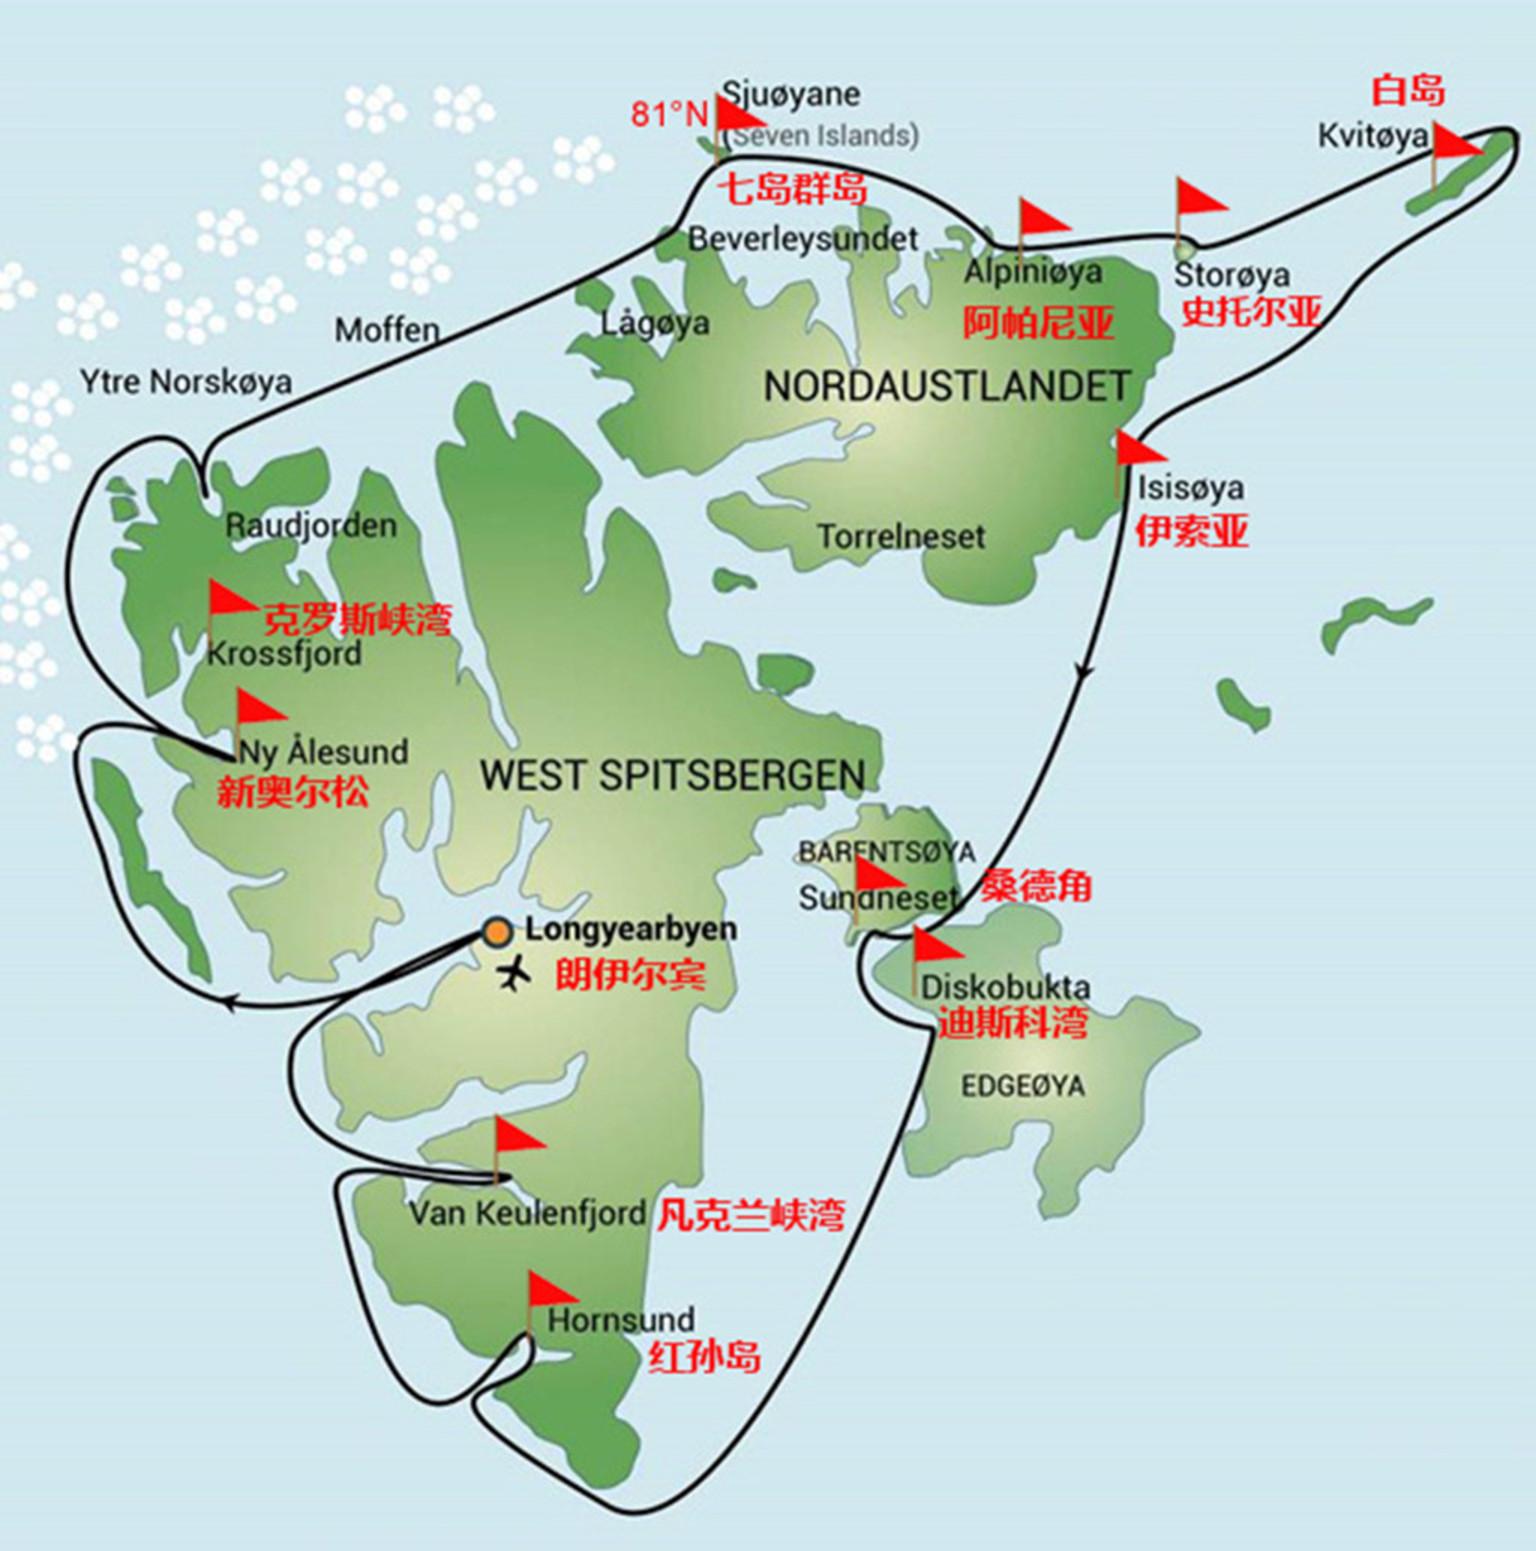 北极斯瓦尔巴群岛 冰岛 挪威深度19日游>直达北纬81度 环岛北极